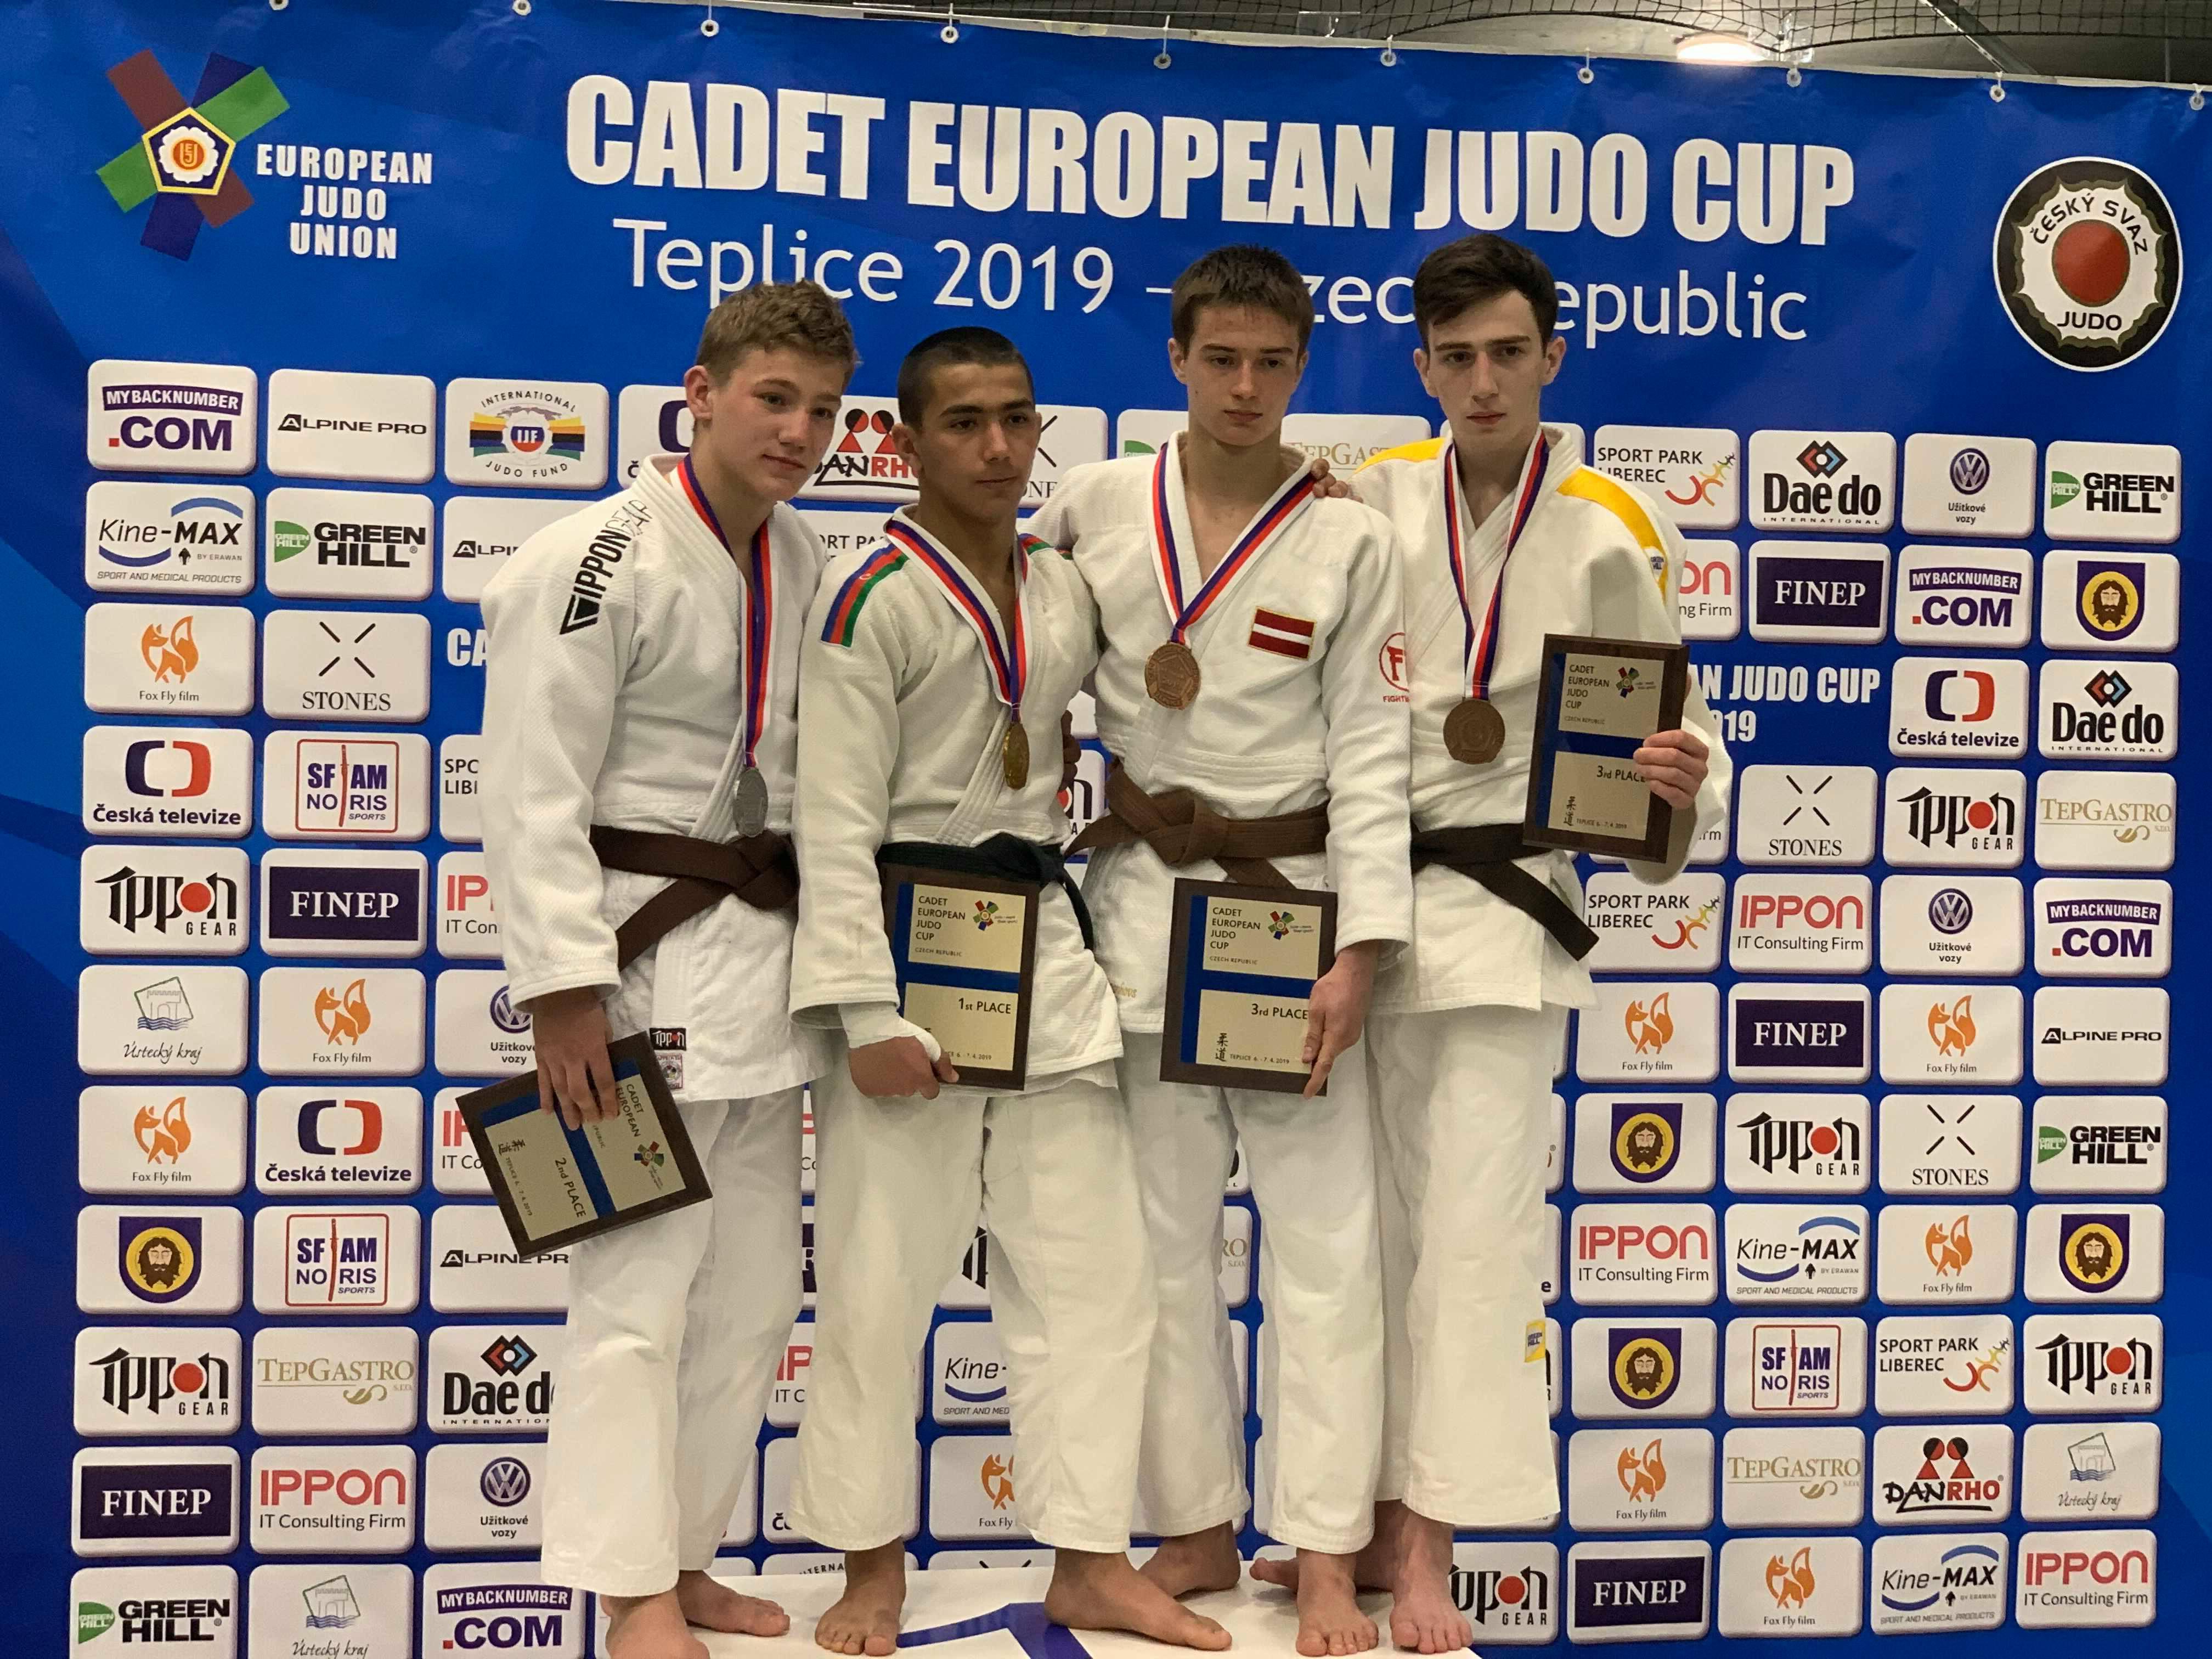 cc916cff839 Võistlustules olid ka mitmed Eesti sportlased, kõige säravama tulemusega sai  hakkama Viljar Lipard, kes võitis kaalukategoorias -60kg koguni 82  sportlase ...